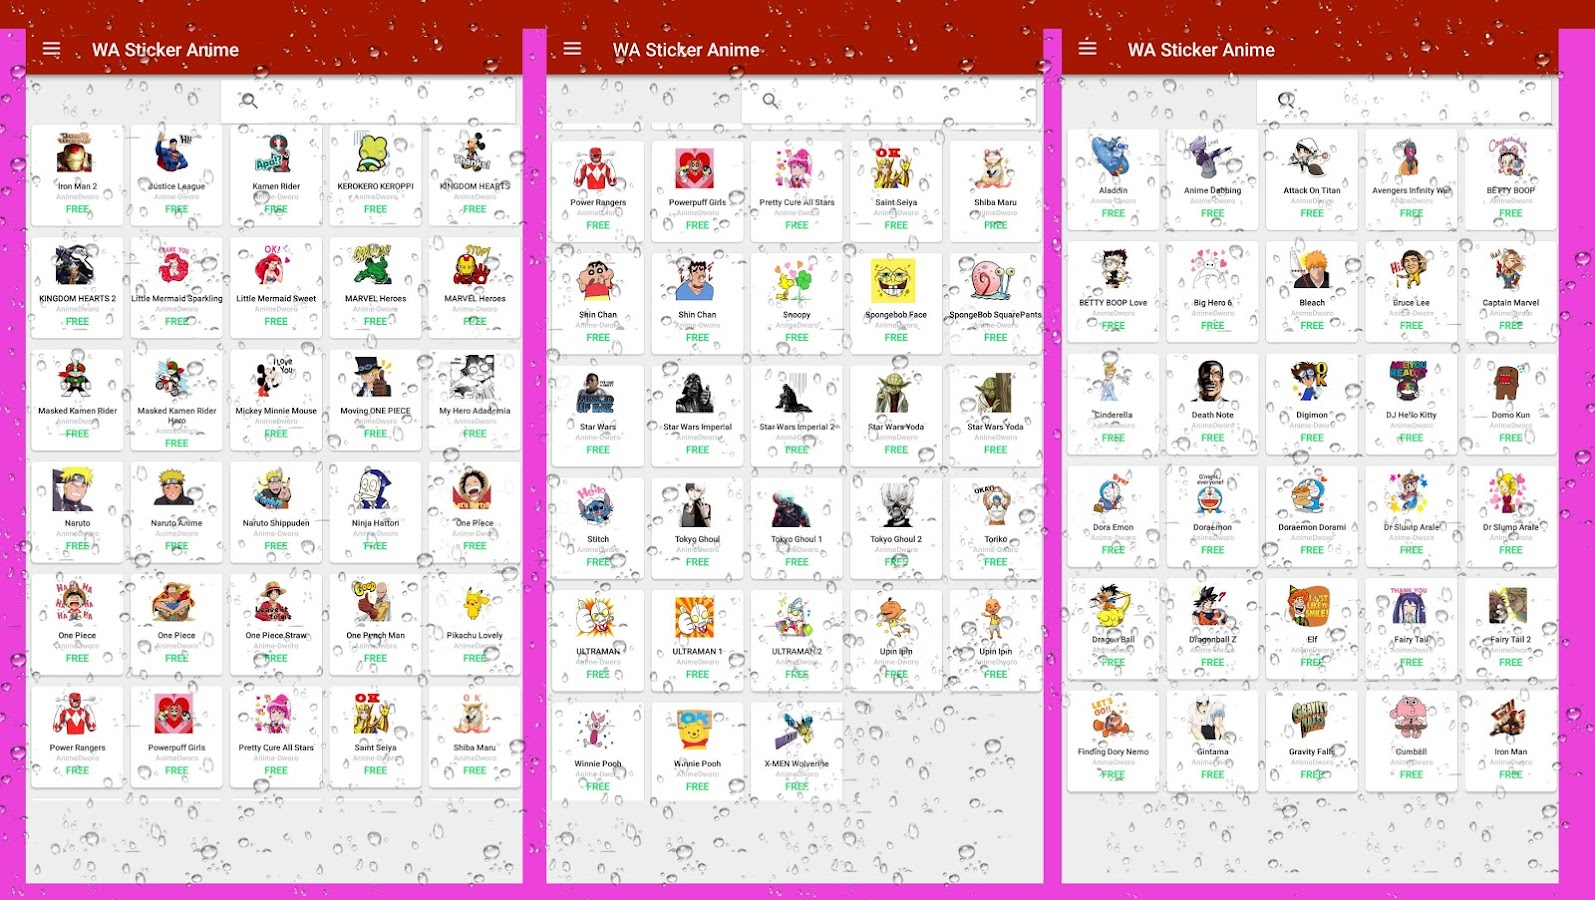 Wastickerapps Anime Sticker Wasticker For Whatsapp 1 5 Apk